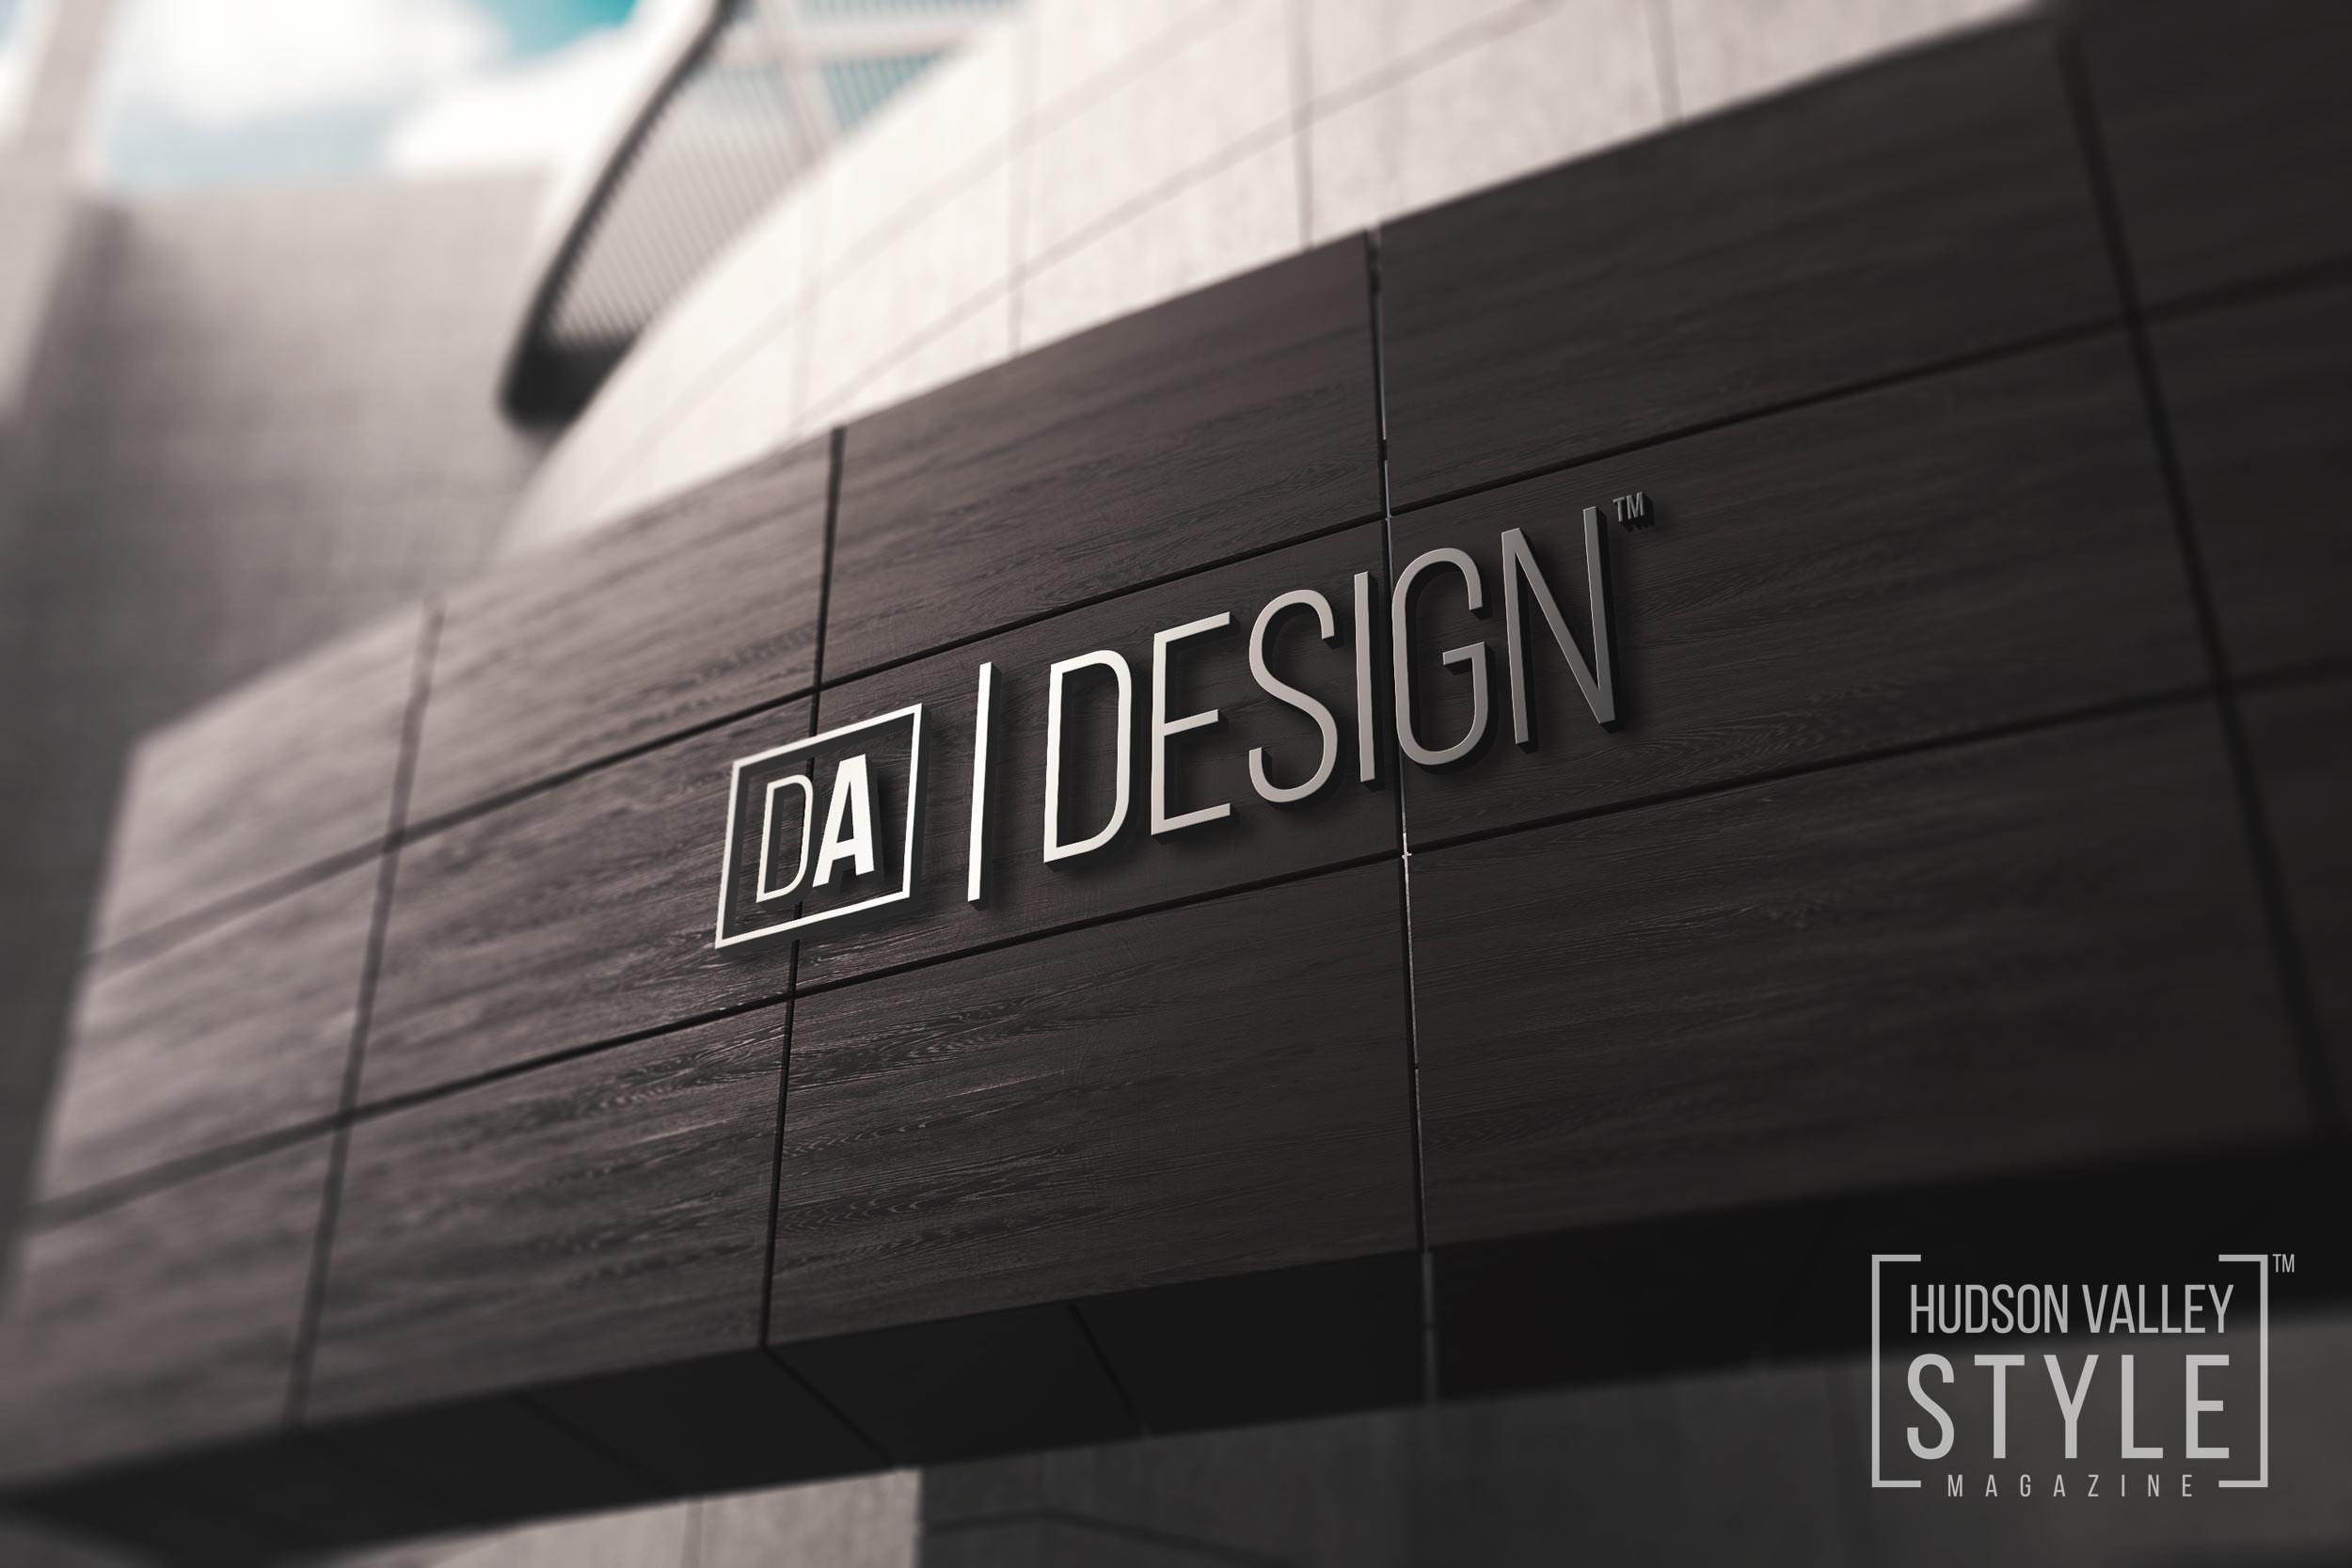 Duncan Avenue Design Studio | DA | DESIGN